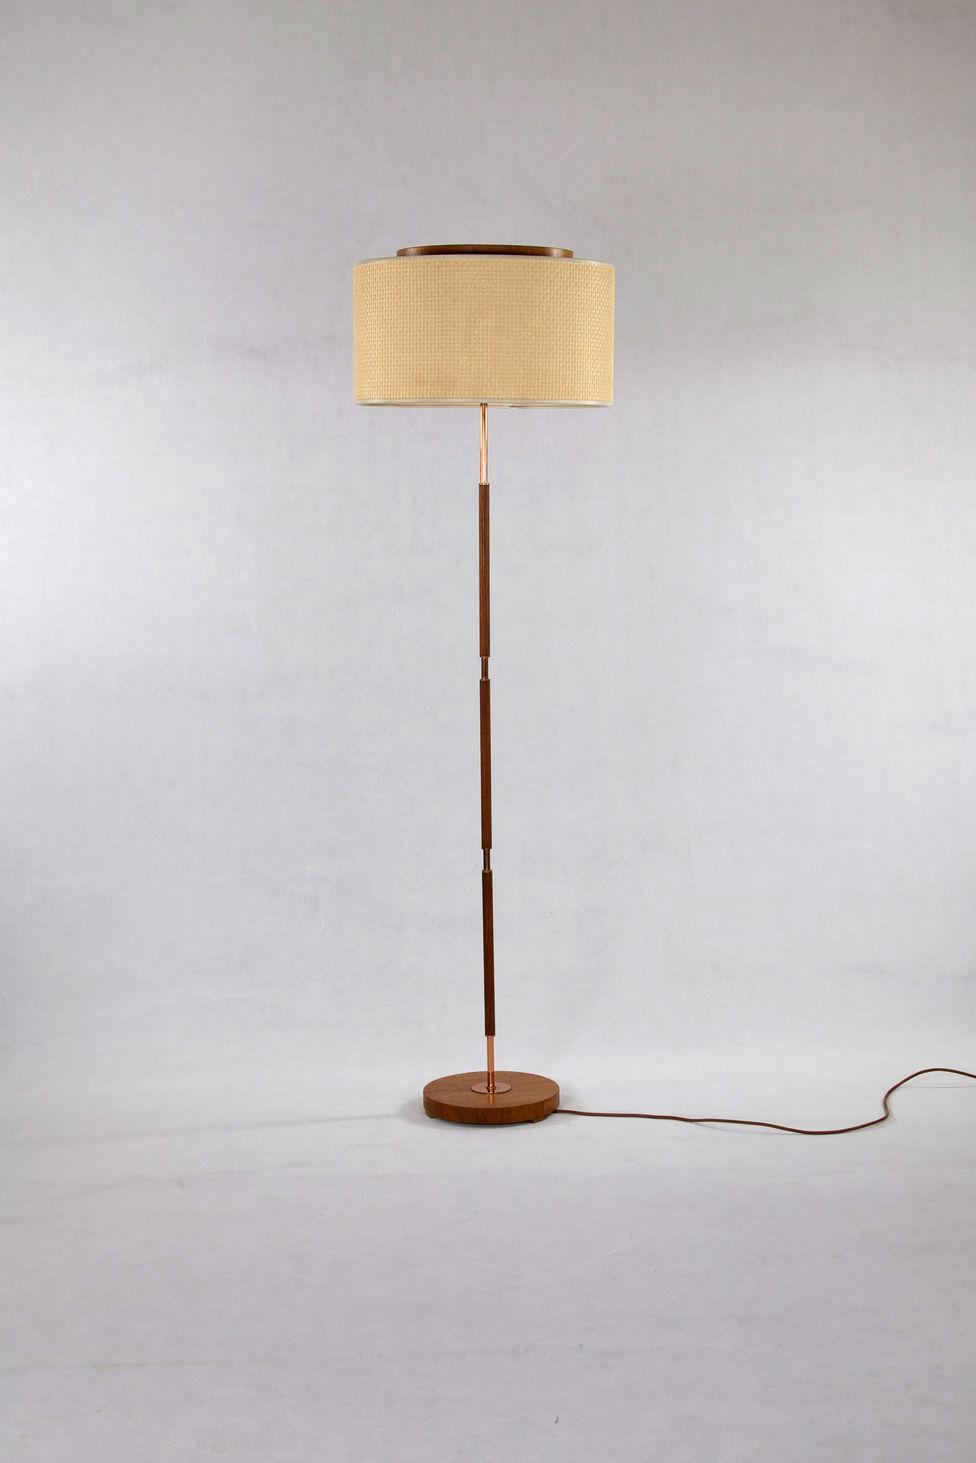 Liebenswert Stehlampe Kupfer Referenz Von To En:] 60iger Jahre Temde Stehleuchte